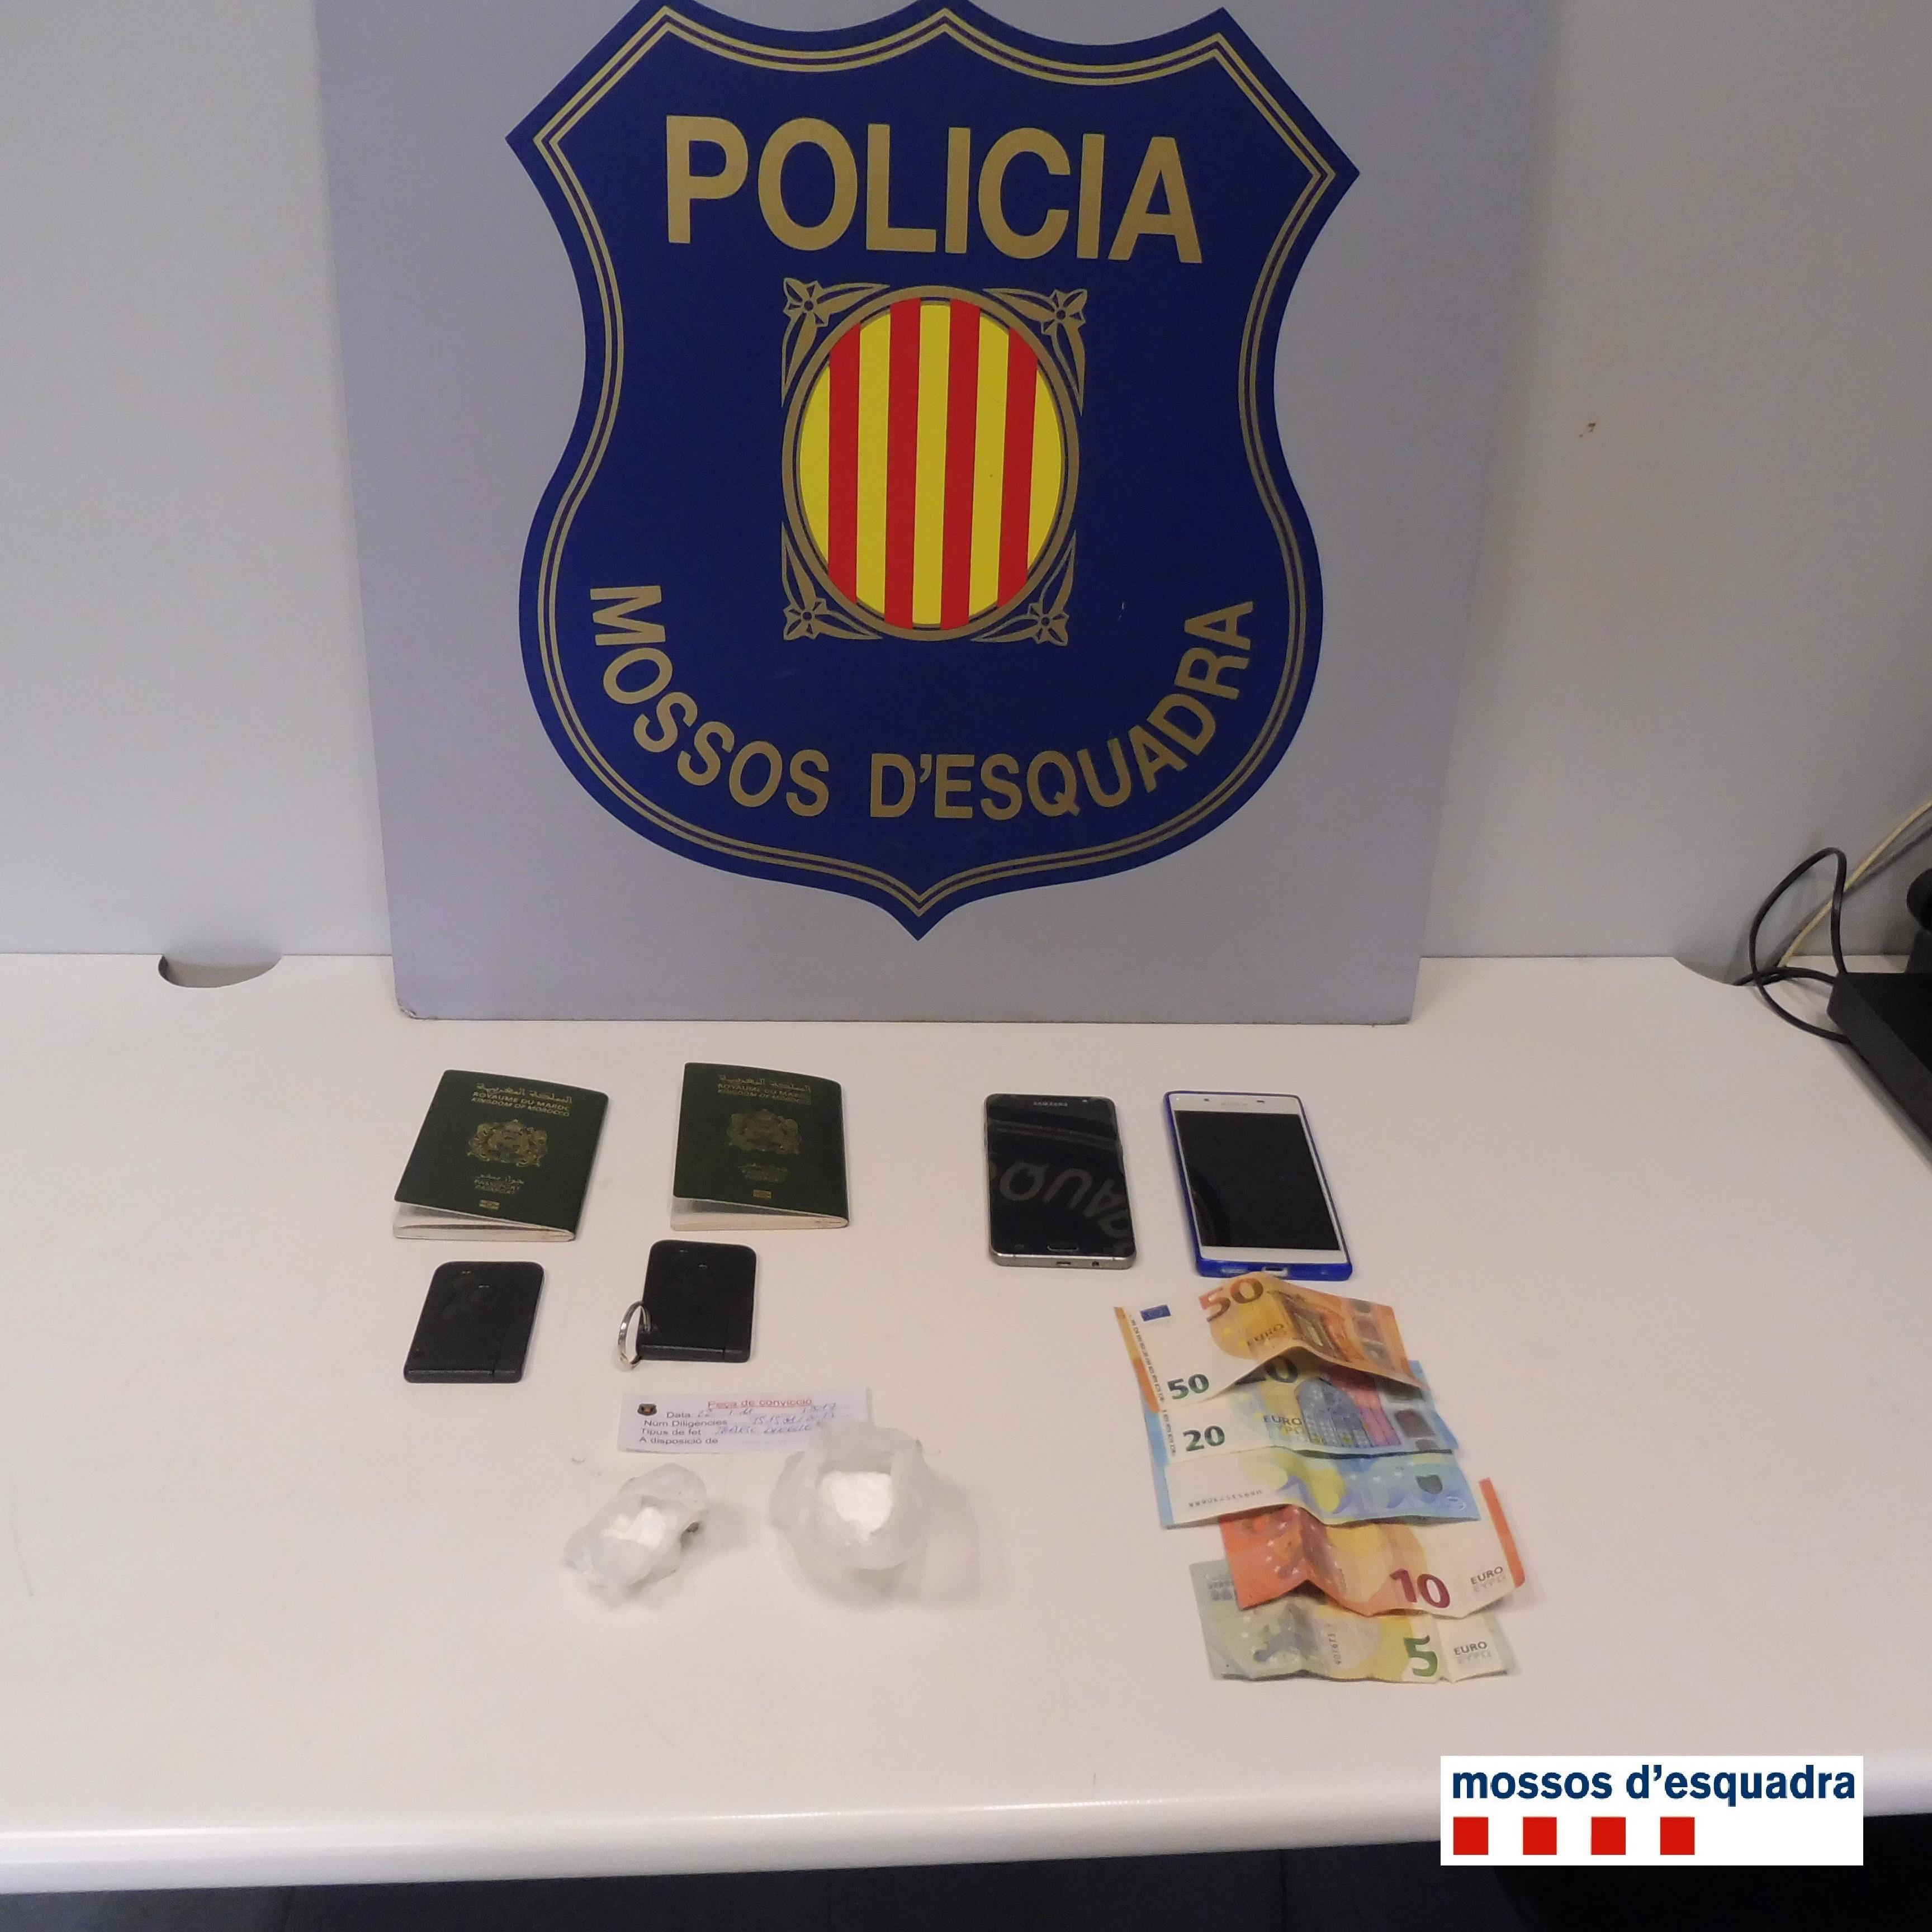 Els Mossos d'Esquadra detenen dues persones per tràfic de cocaïna a Agramunt (Urgell)